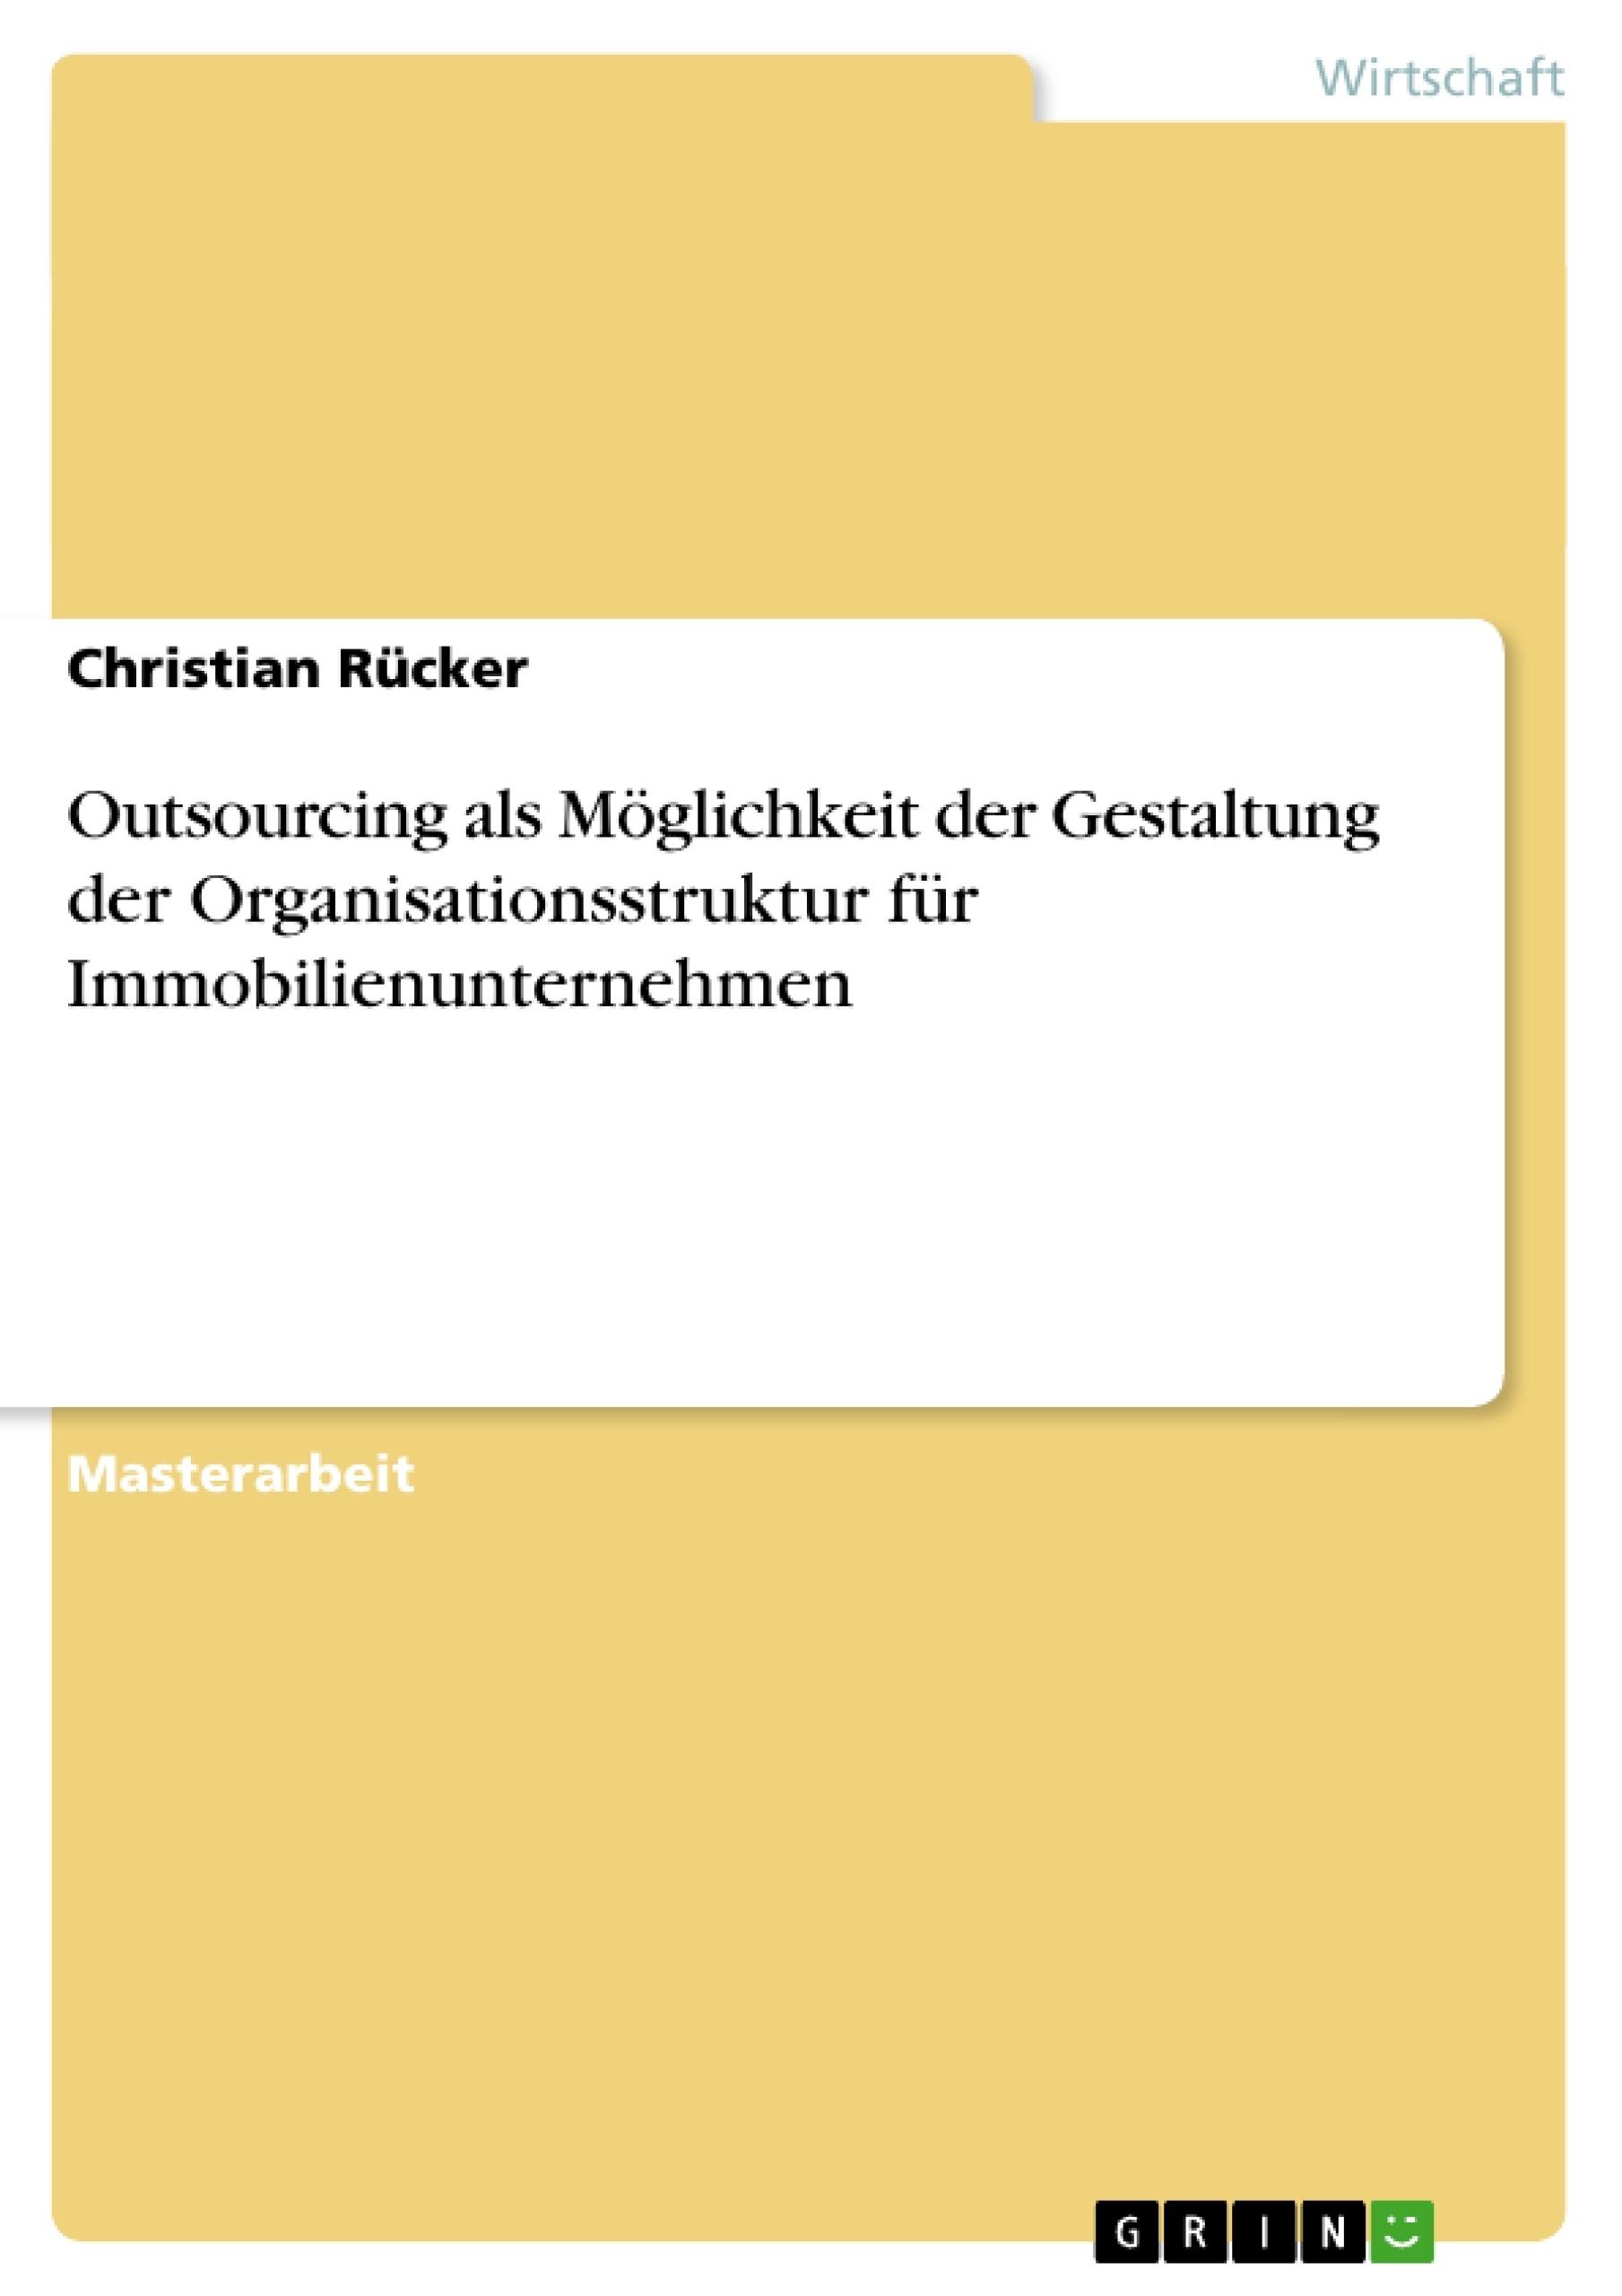 Titel: Outsourcing als Möglichkeit der Gestaltung der Organisationsstruktur für Immobilienunternehmen